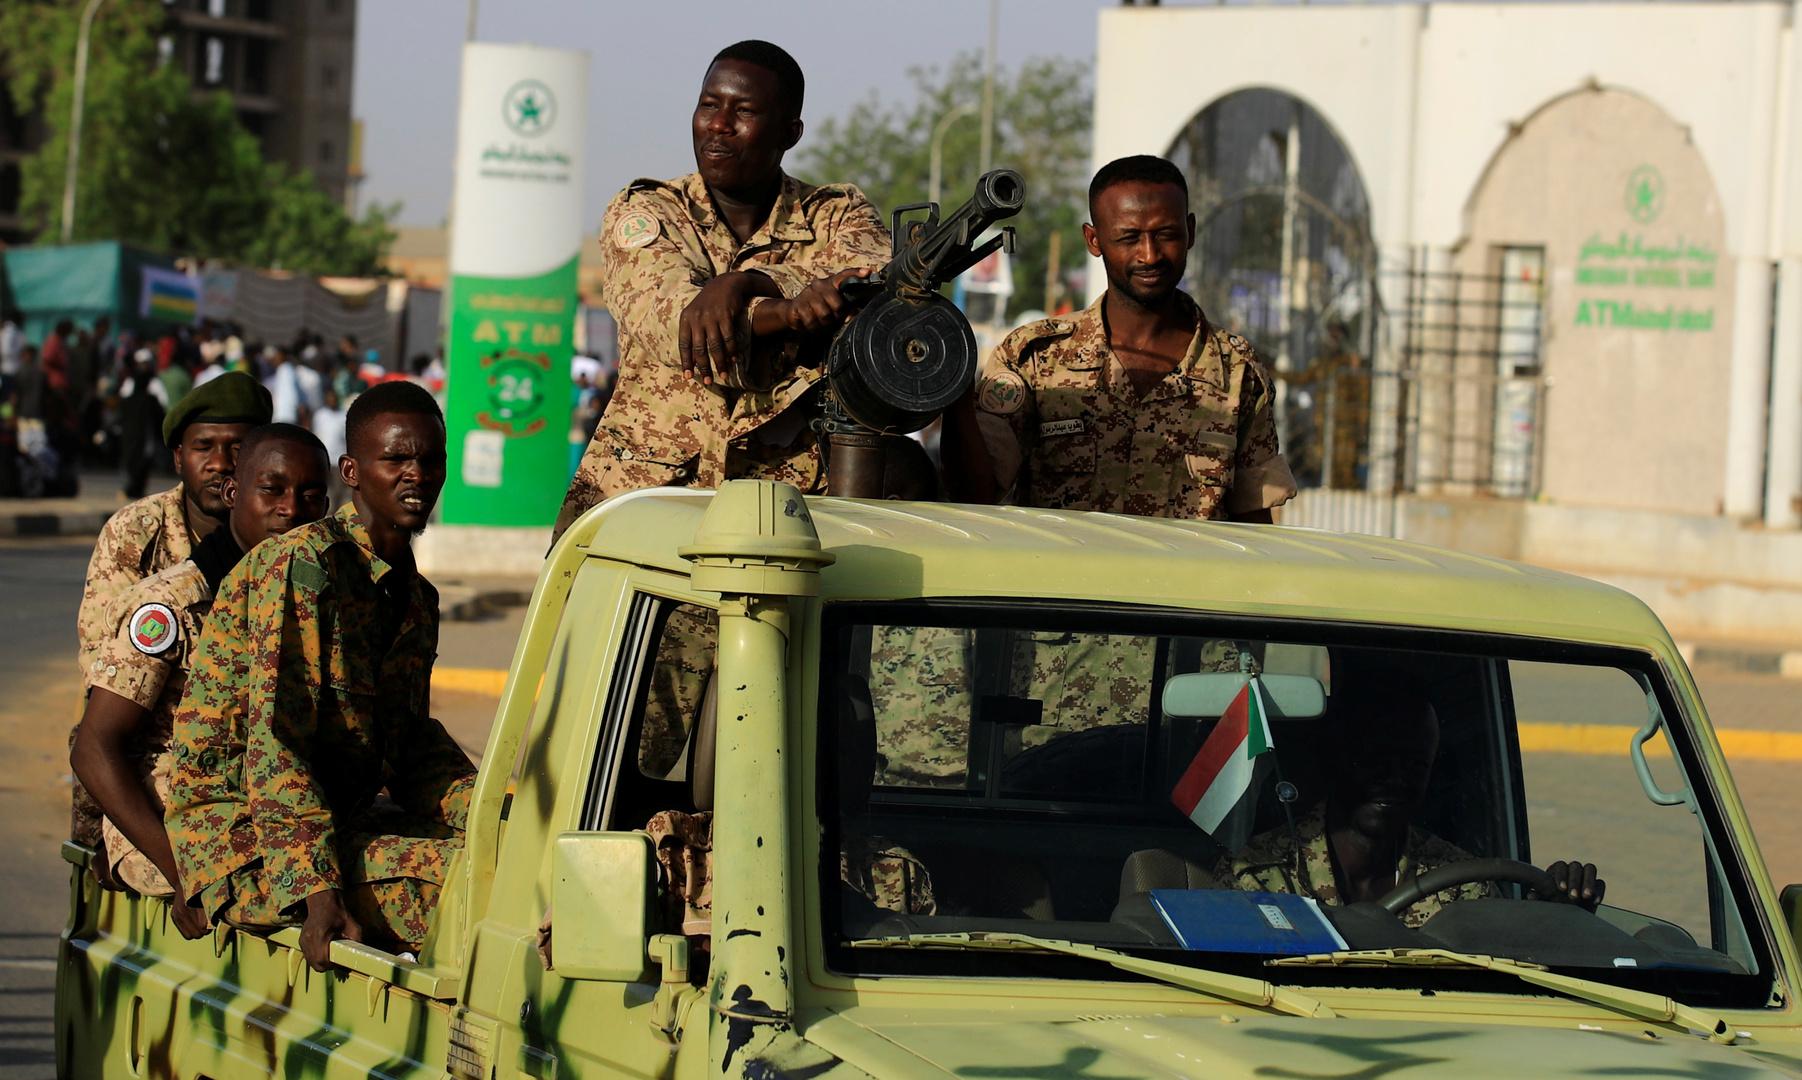 السودان.. مقتل شخصين خلال احتجاجات في الذكرى الثانية لفض اعتصام الانتفاضة